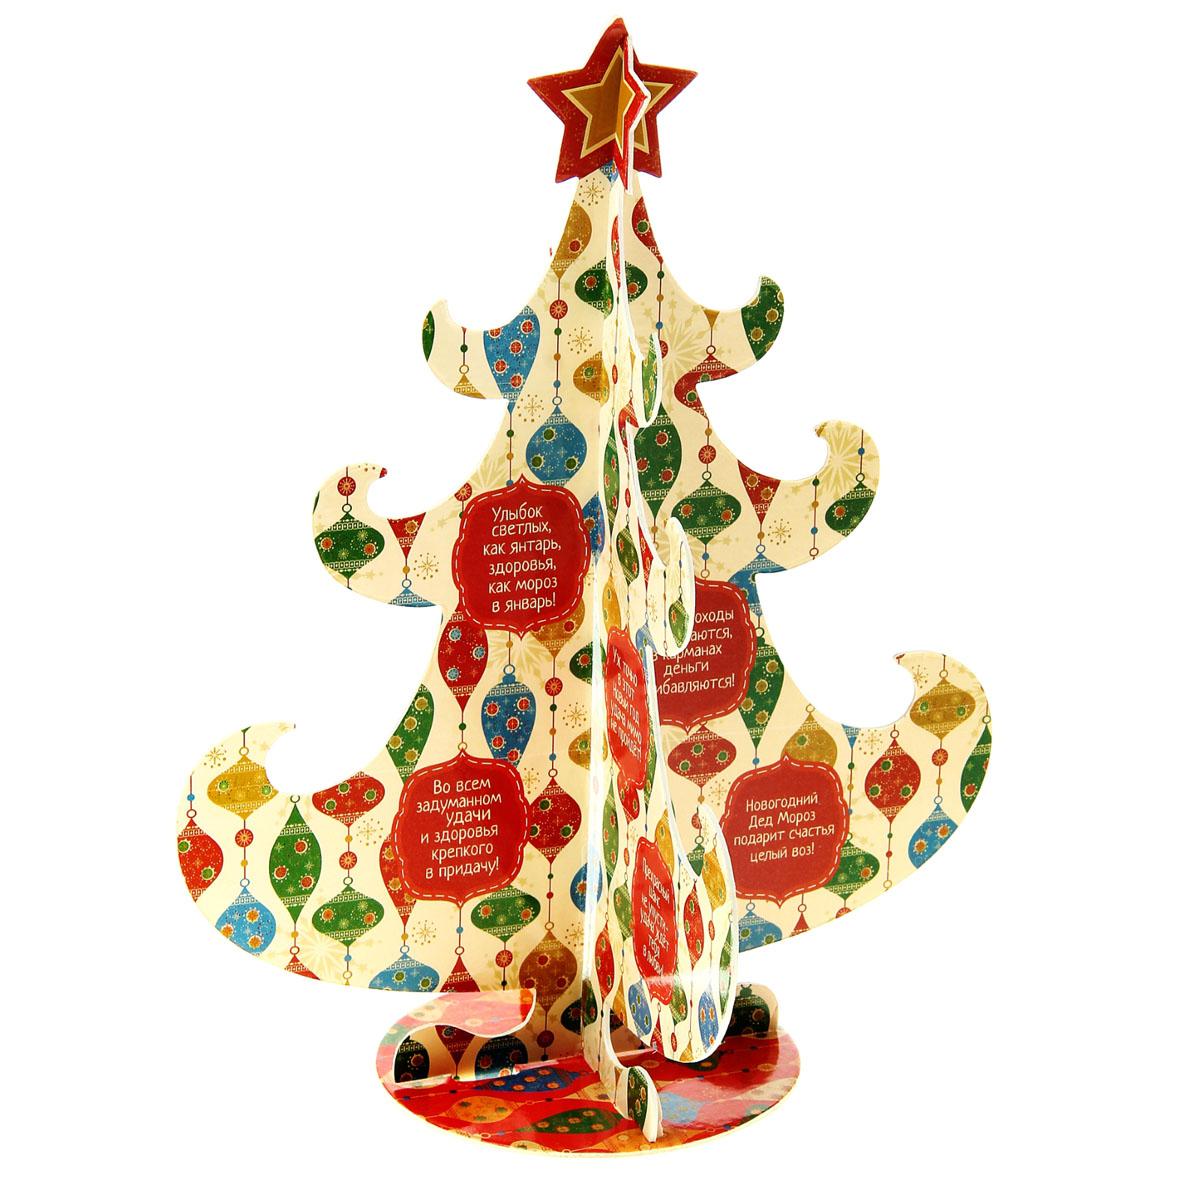 Украшение новогоднее Sima-land Елка со стикерами. Пожелания, высота 25,4 см813548Украшение новогоднее Sima-land Елка со стикерами. Пожелания гармонично впишется впраздничный интерьервашего дома или офиса. Украшение состоит из трех деталей, выполненных из плотного картона.Новогодние украшения всегда несут в себе волшебство и красоту праздника. Создайтеатмосферу тепла, веселья и радости.